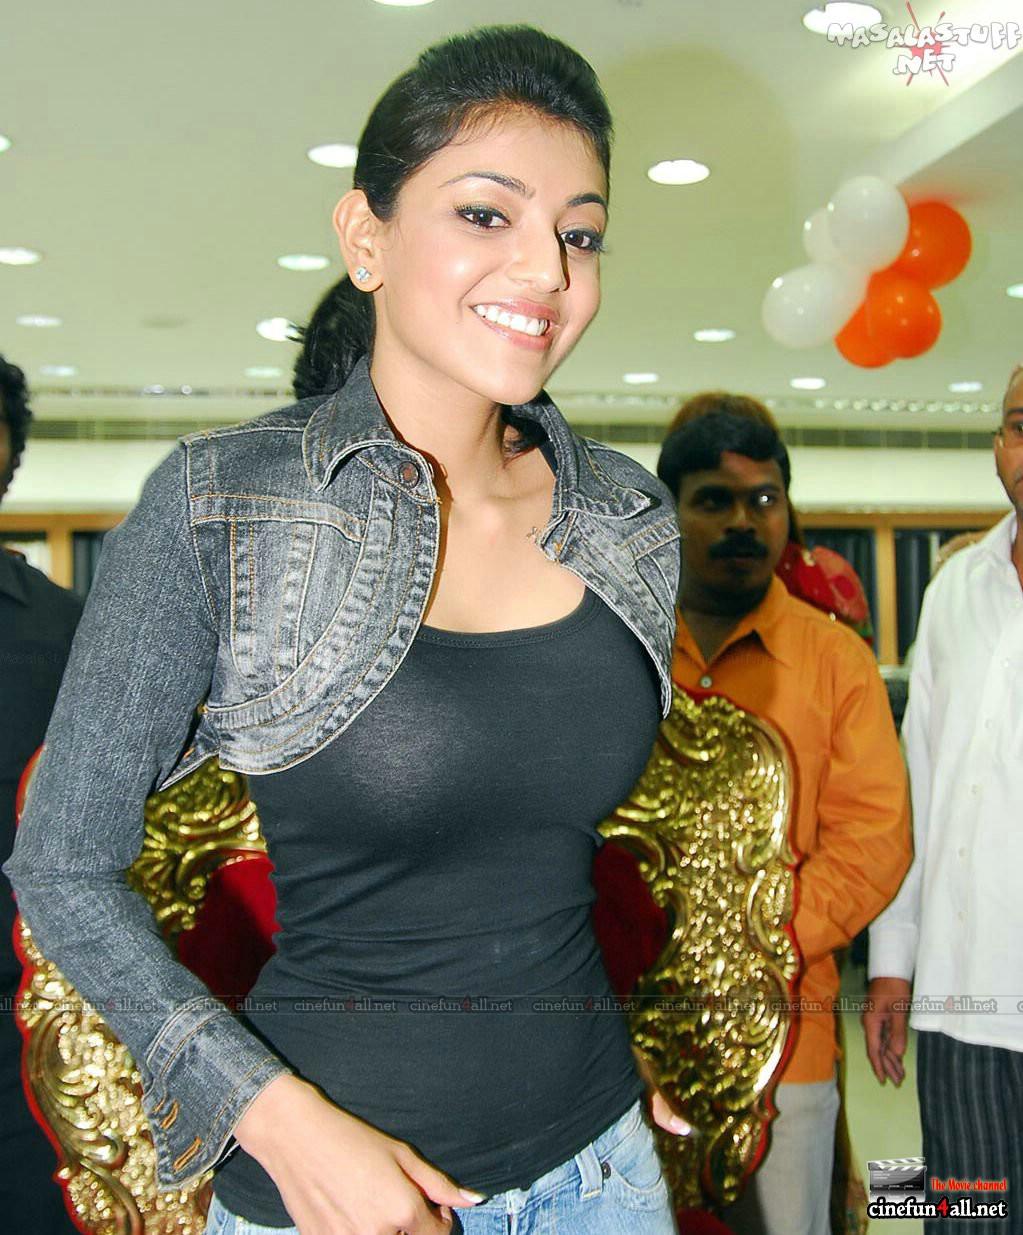 Hot South Indian Actress Hot Actress Kajal Agarwal Latest